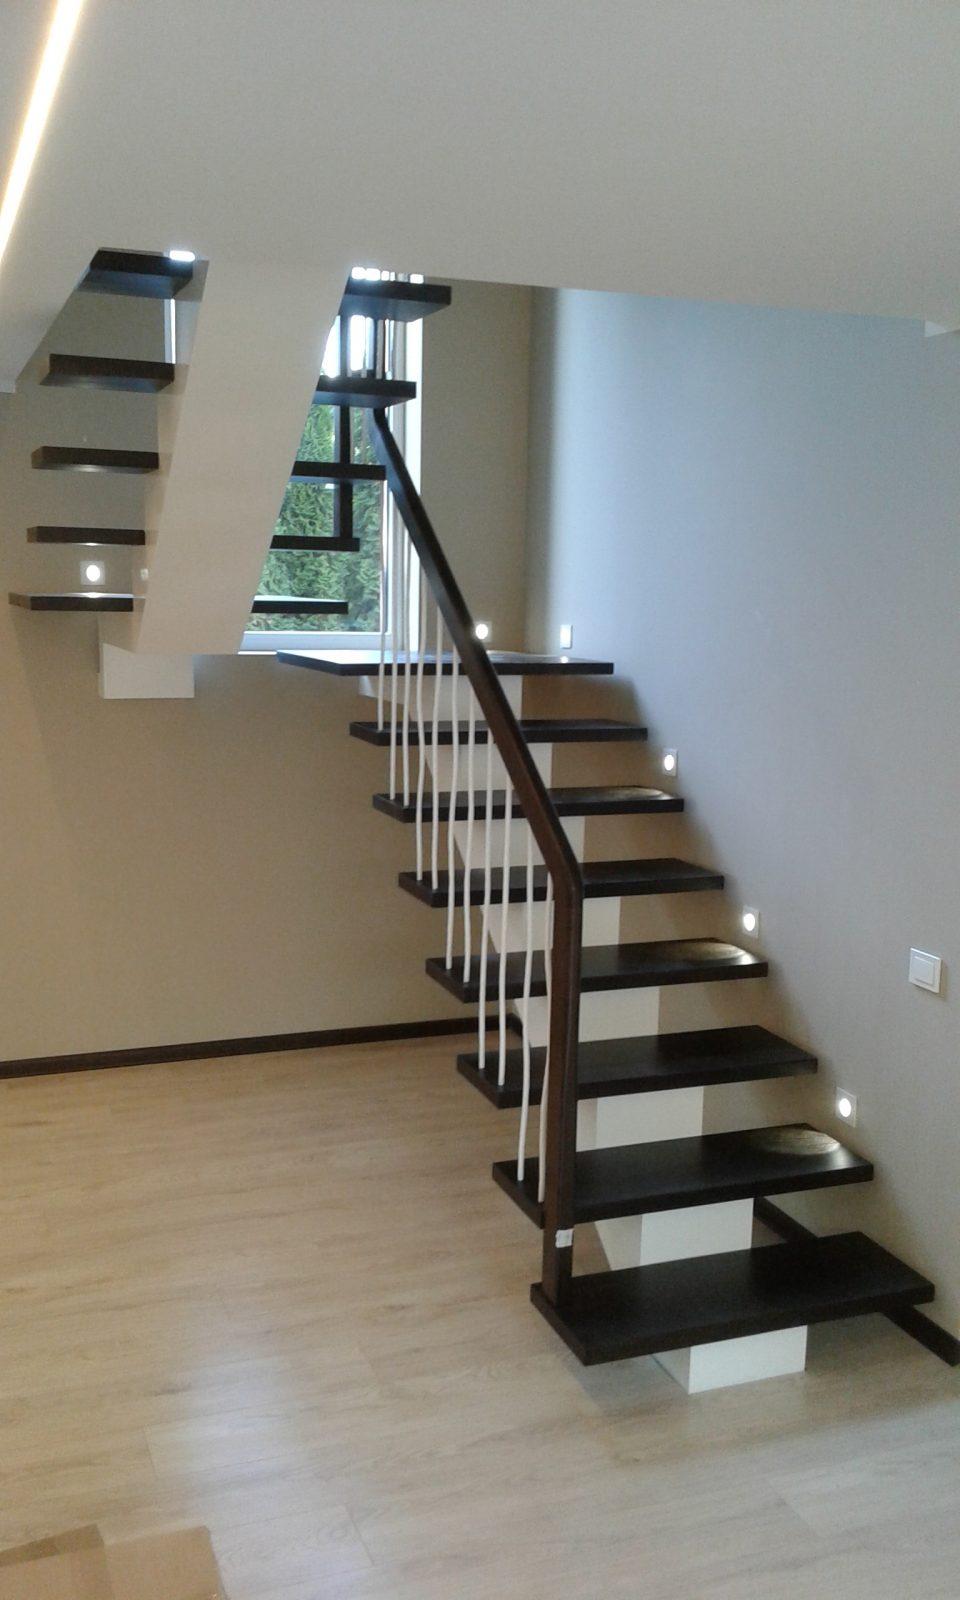 Laiptai tamsus uosis balta laiptasija